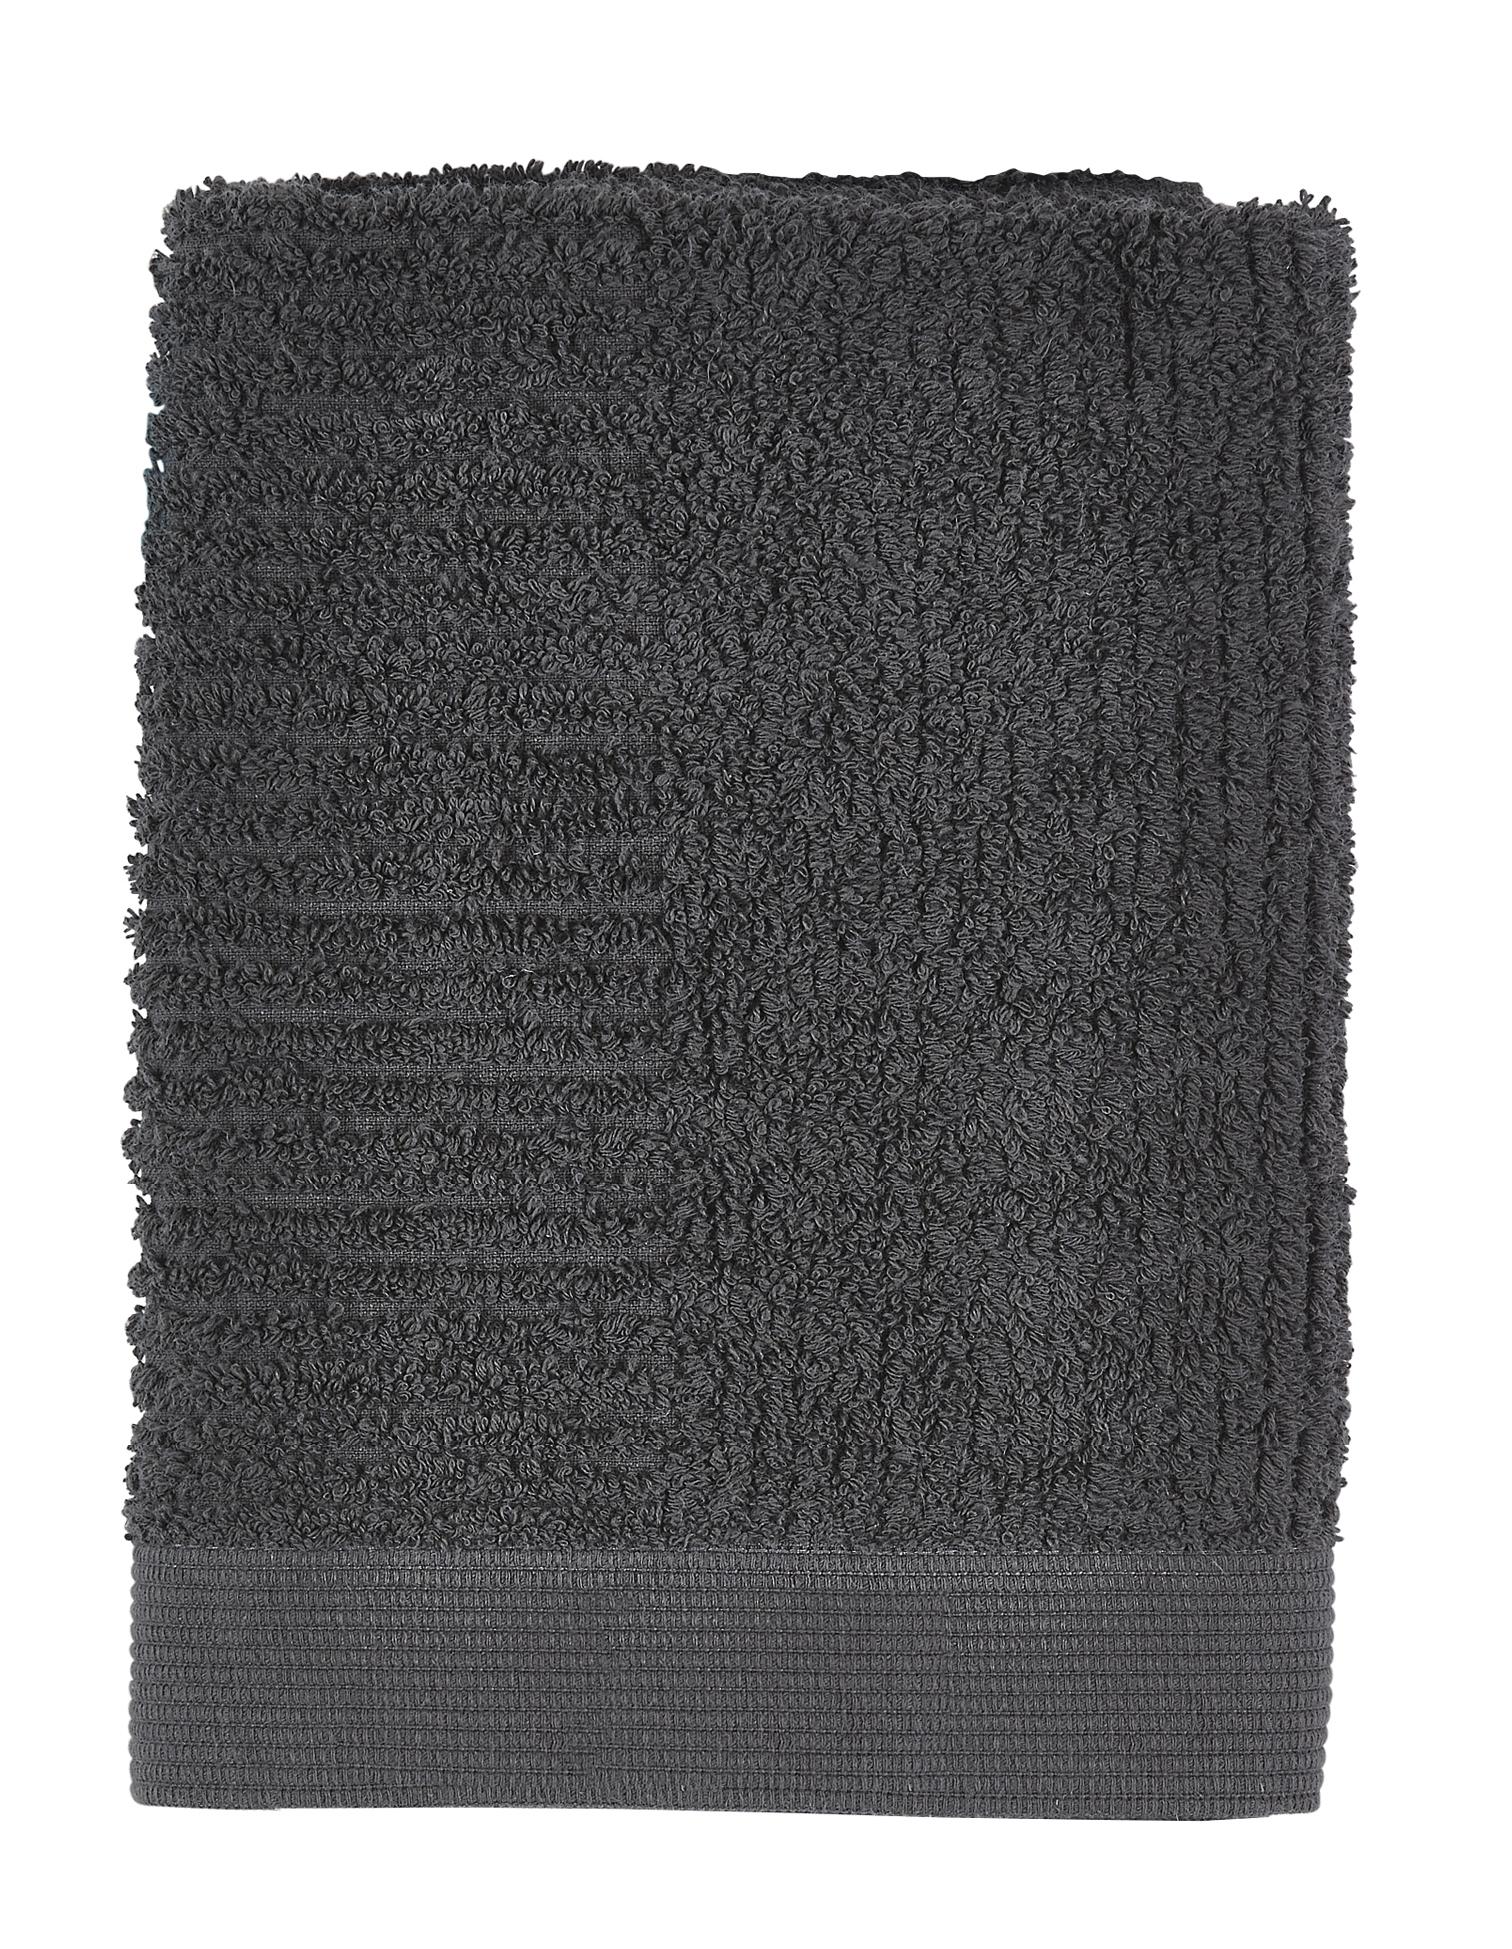 Zone - Classic Towel 50 x 70 cm - Antracit (330196)